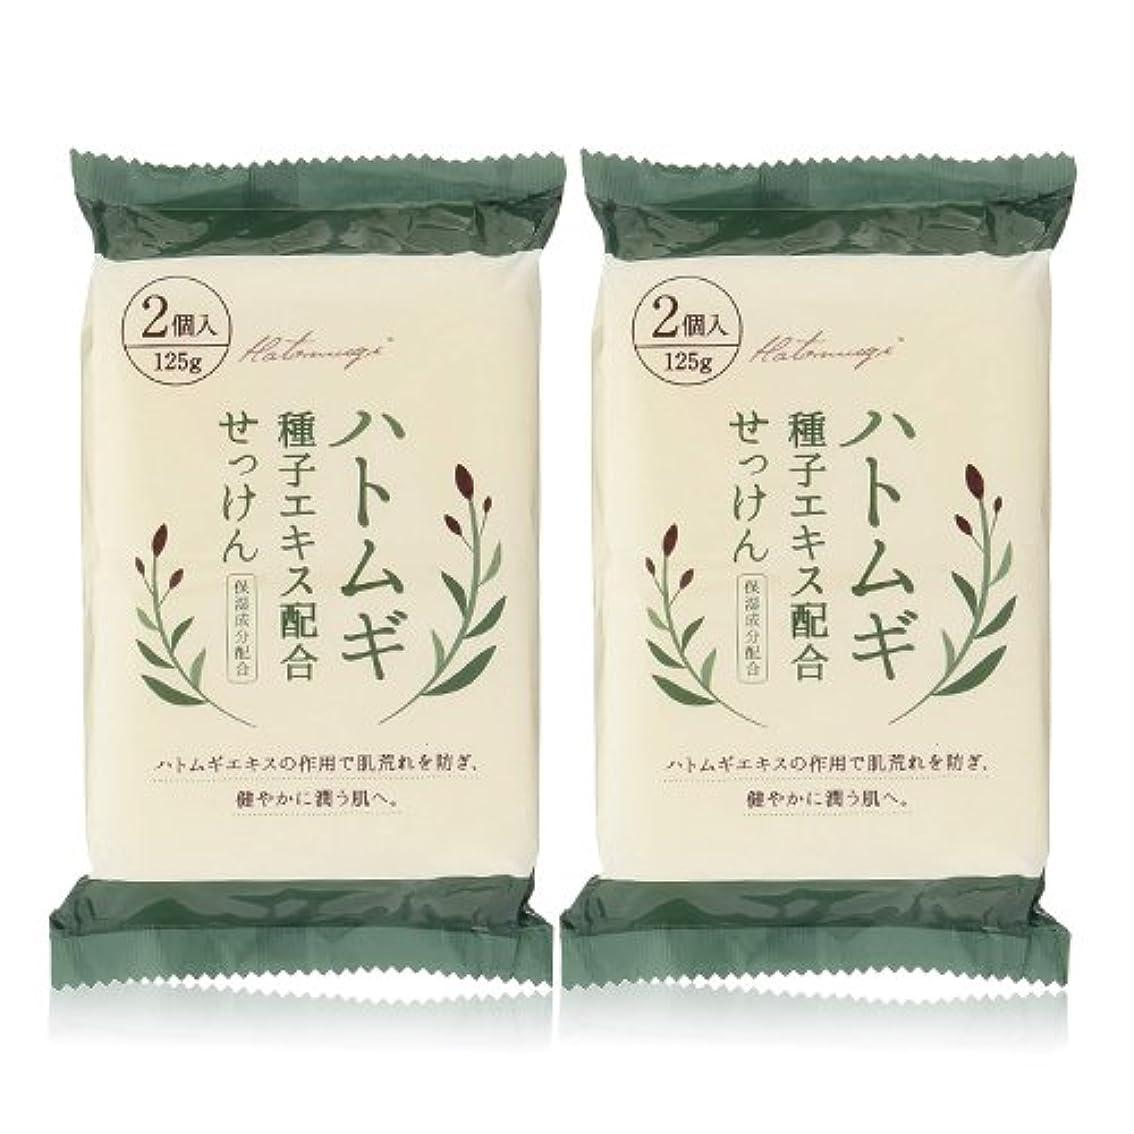 謎めいた夫婦支配的ハトムギ種子エキス配合石けん 125g(2コ入)×2個セット(計4個)